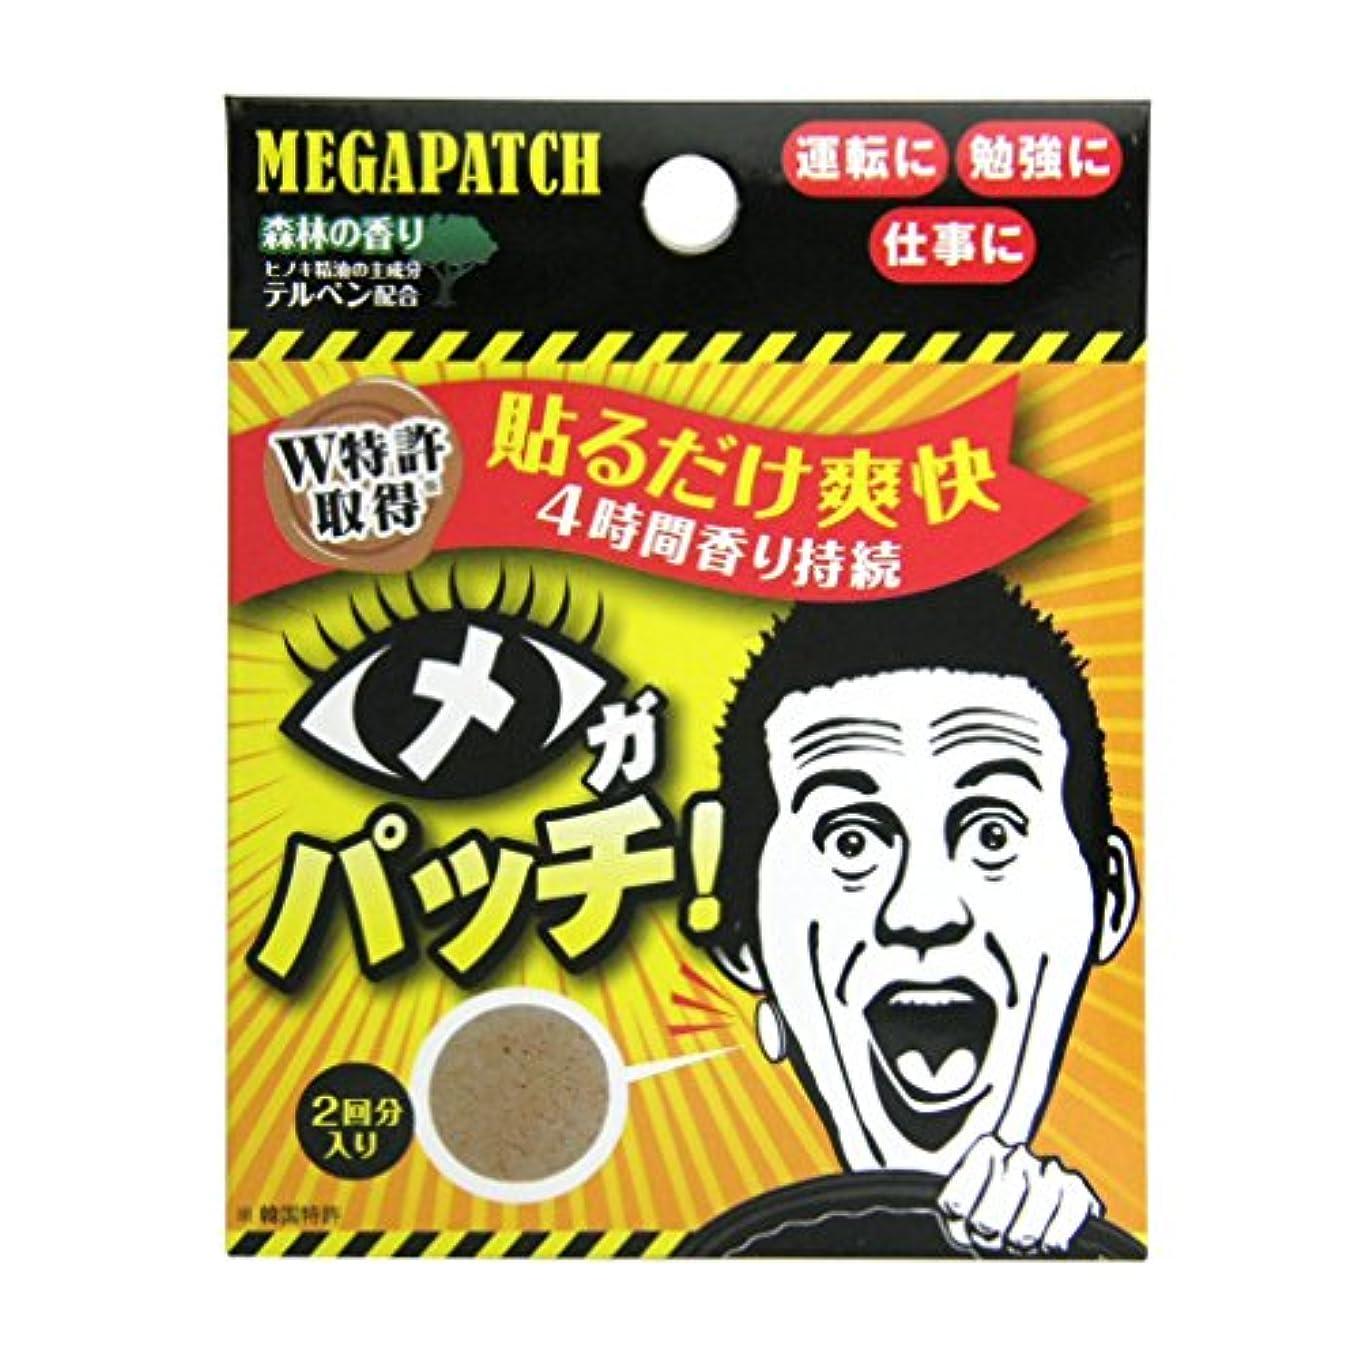 独立して翻訳する探偵メガパッチ 2枚セット